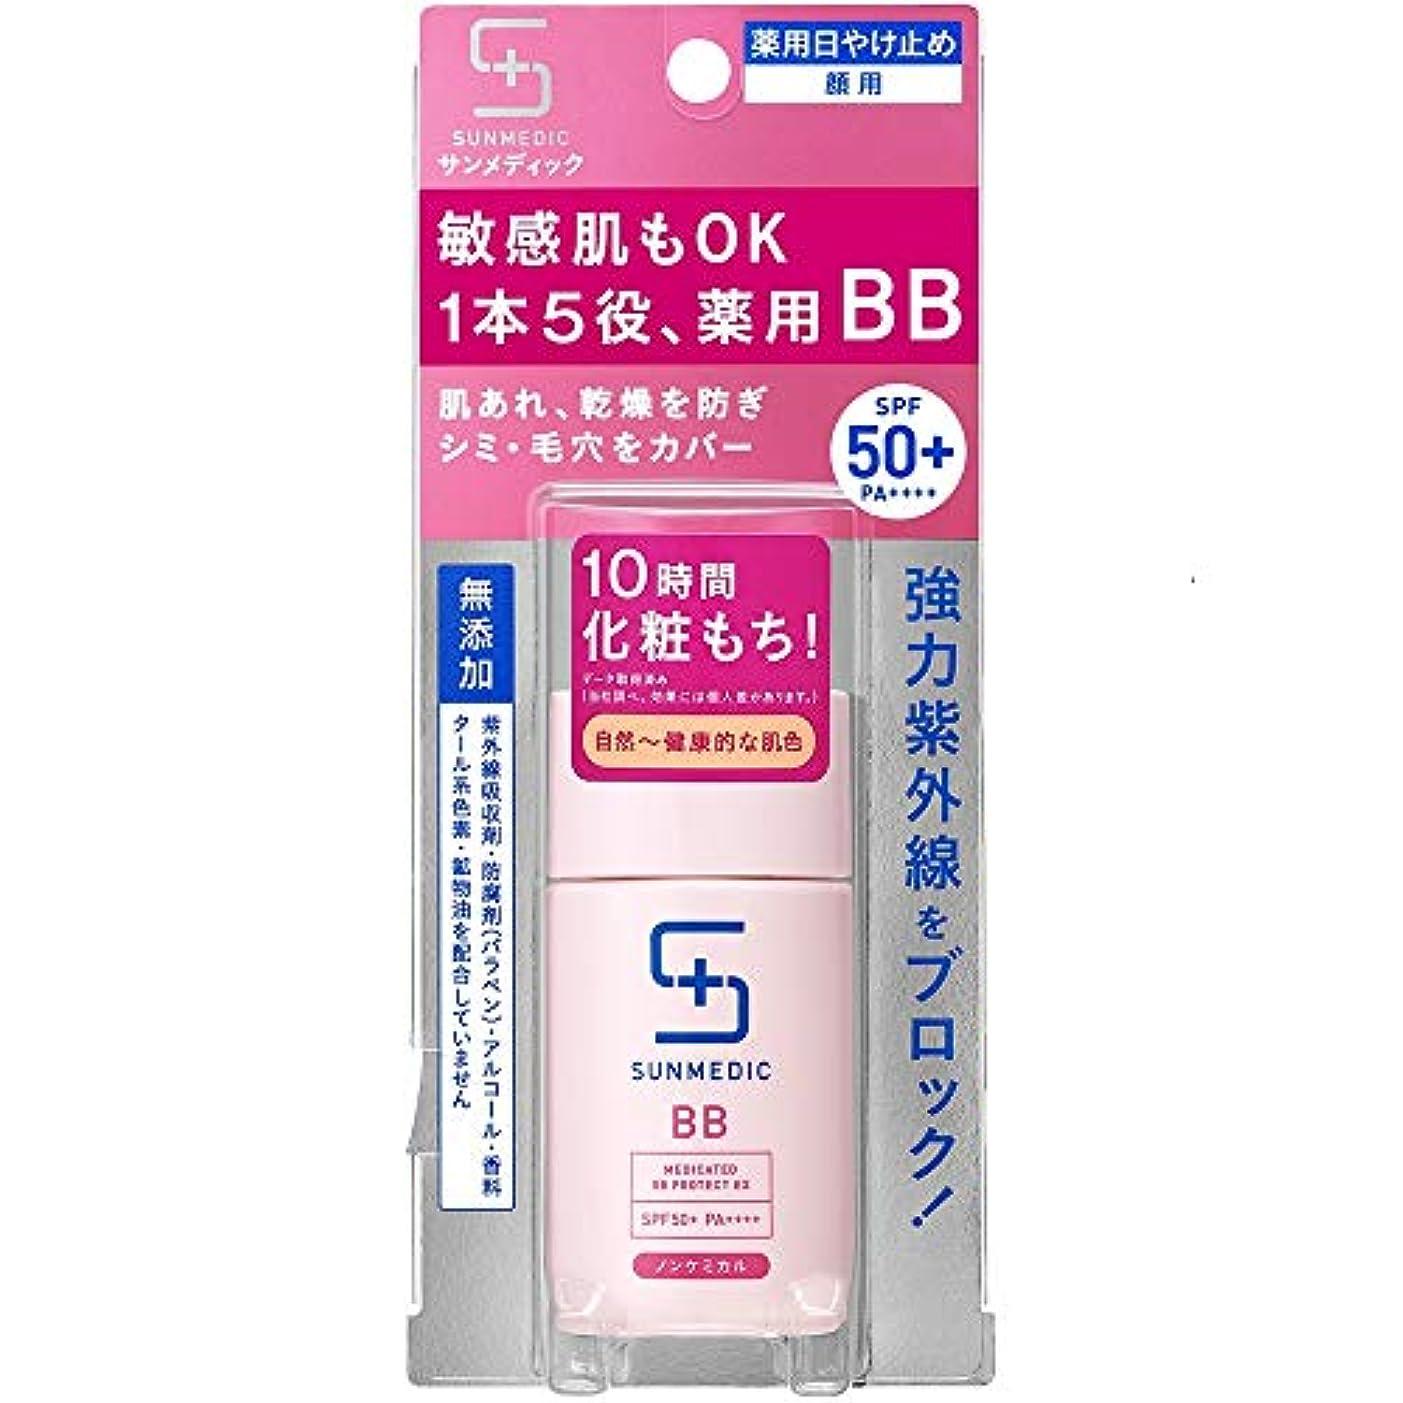 地獄エーカー影響するサンメディックUV 薬用BBプロテクトEX ナチュラル 30ml (医薬部外品)